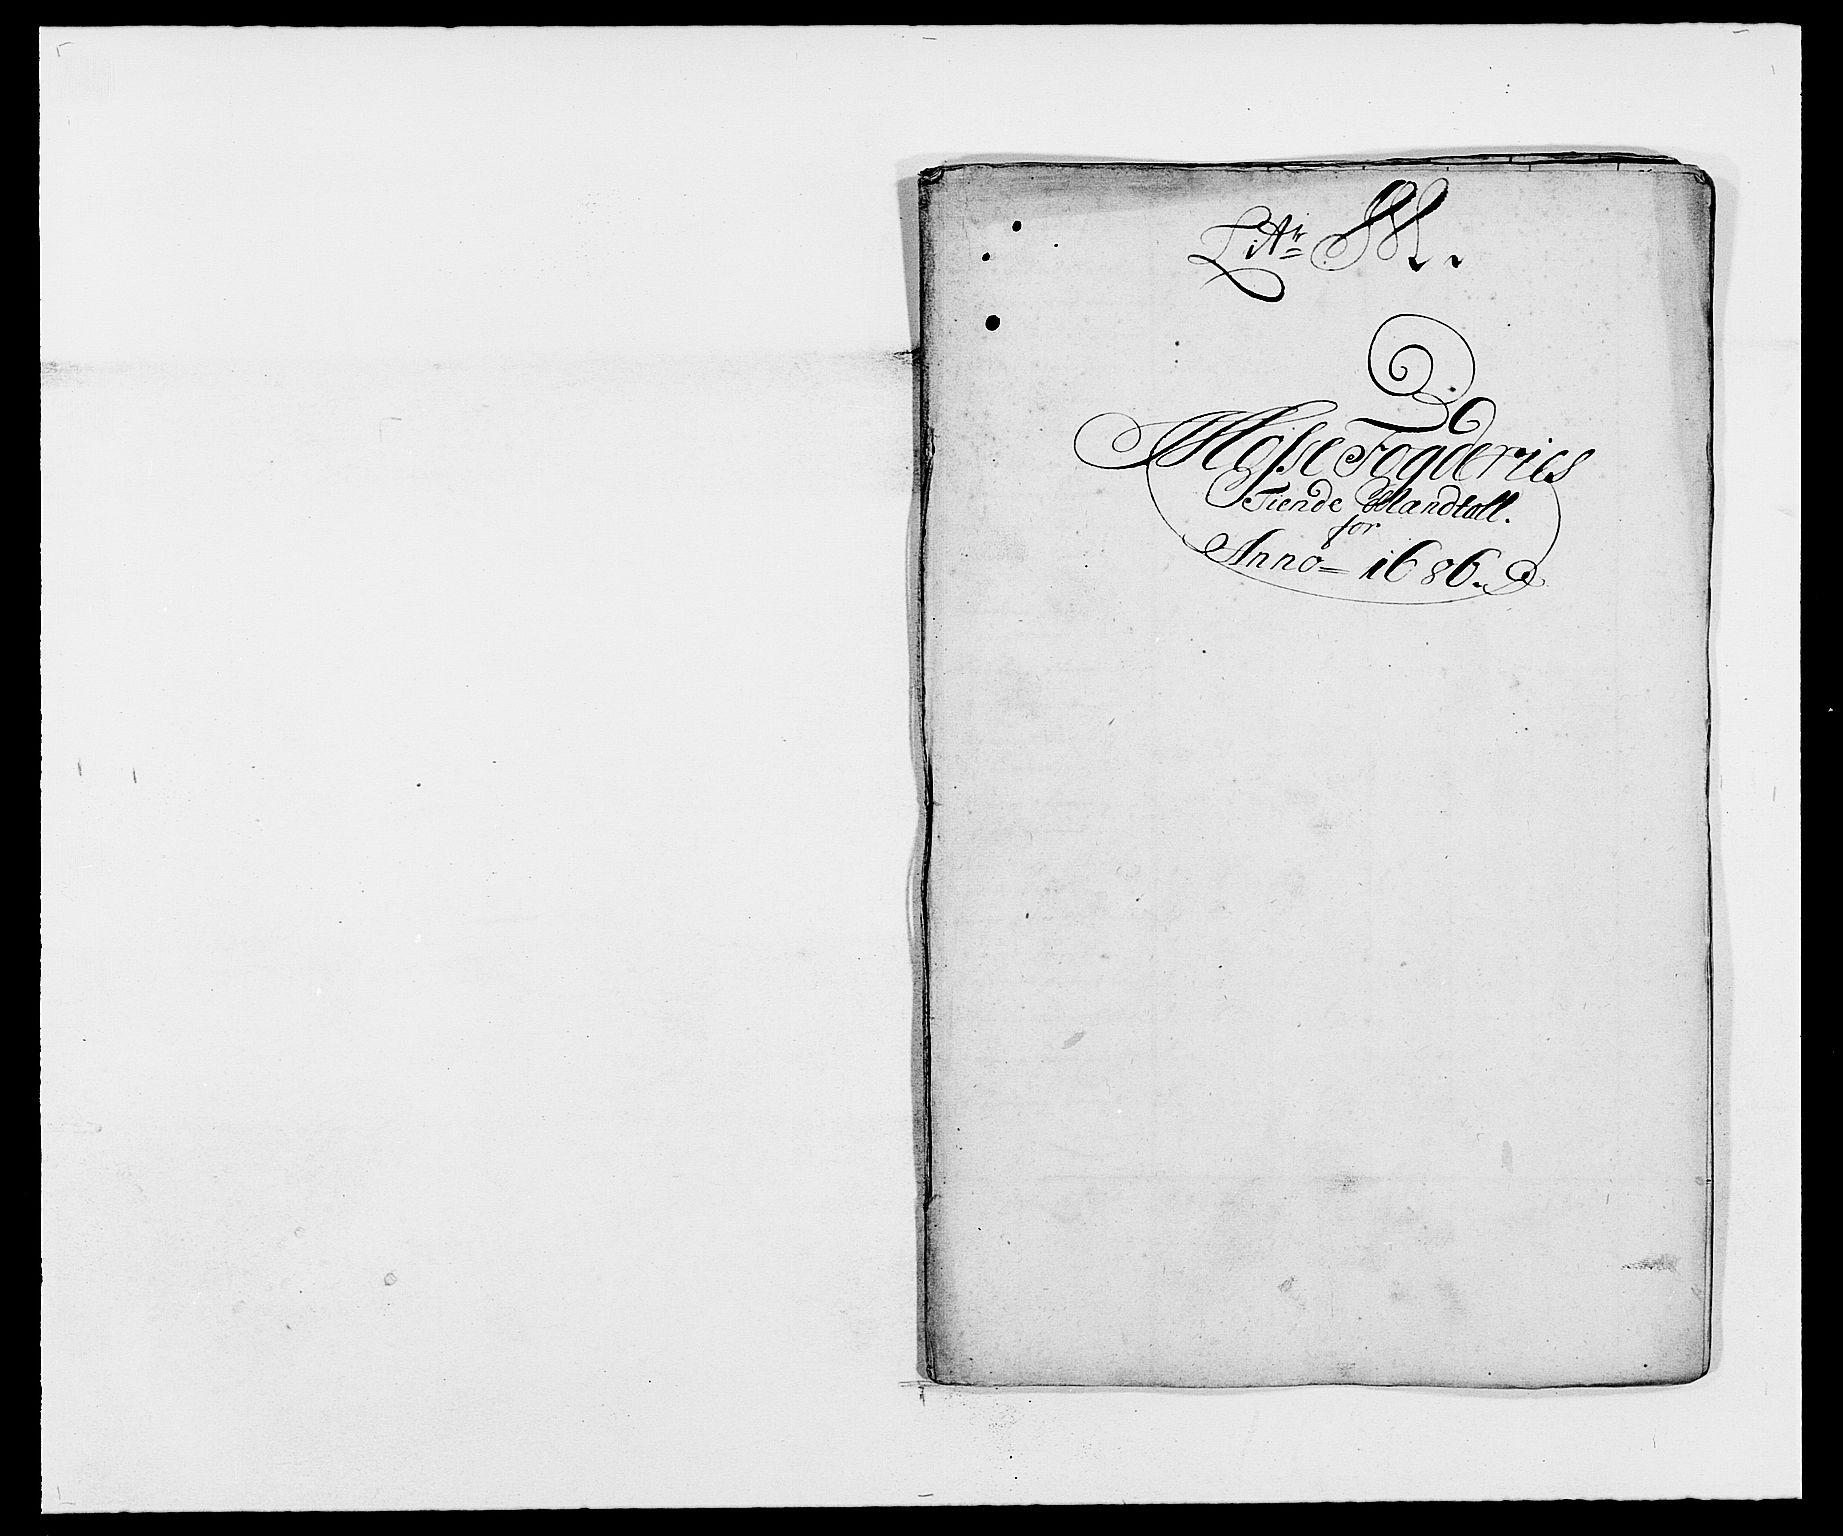 RA, Rentekammeret inntil 1814, Reviderte regnskaper, Fogderegnskap, R02/L0105: Fogderegnskap Moss og Verne kloster, 1685-1687, s. 159